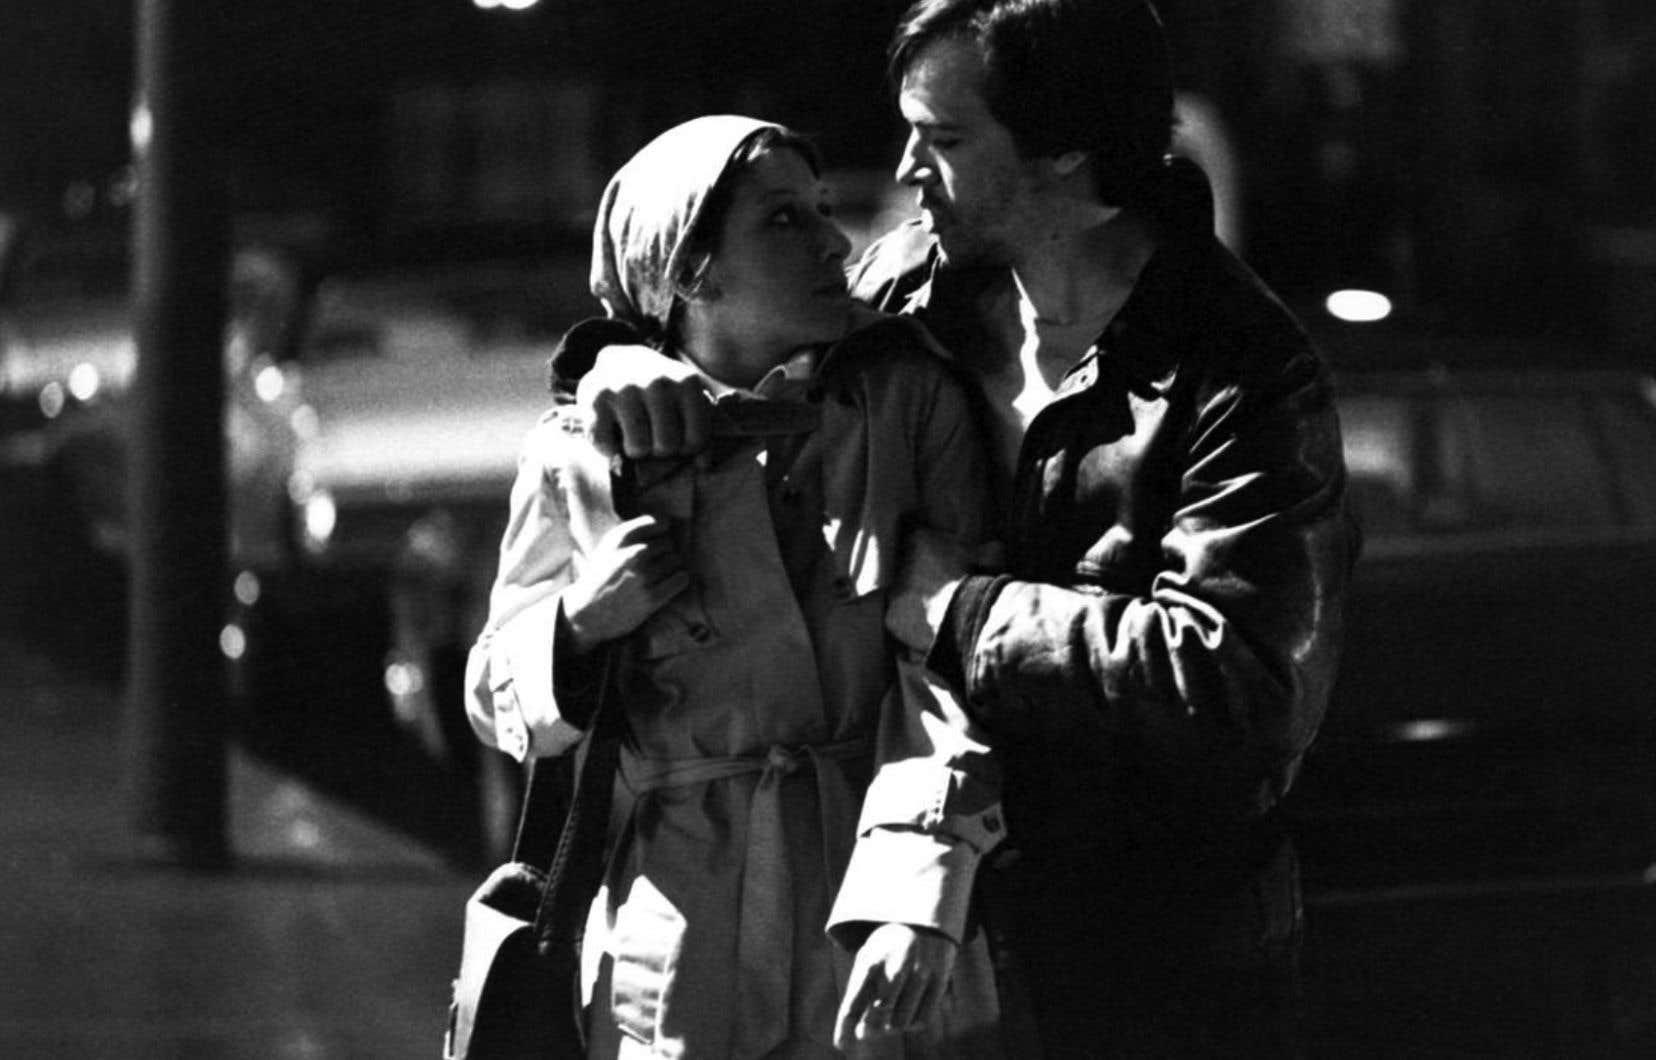 Dans «Mourir à tue-tête», Germain Houde interprète le rôle difficile du violeur, aux côtés de Julie Vincent, dont c'était le tout premier rôle au cinéma.